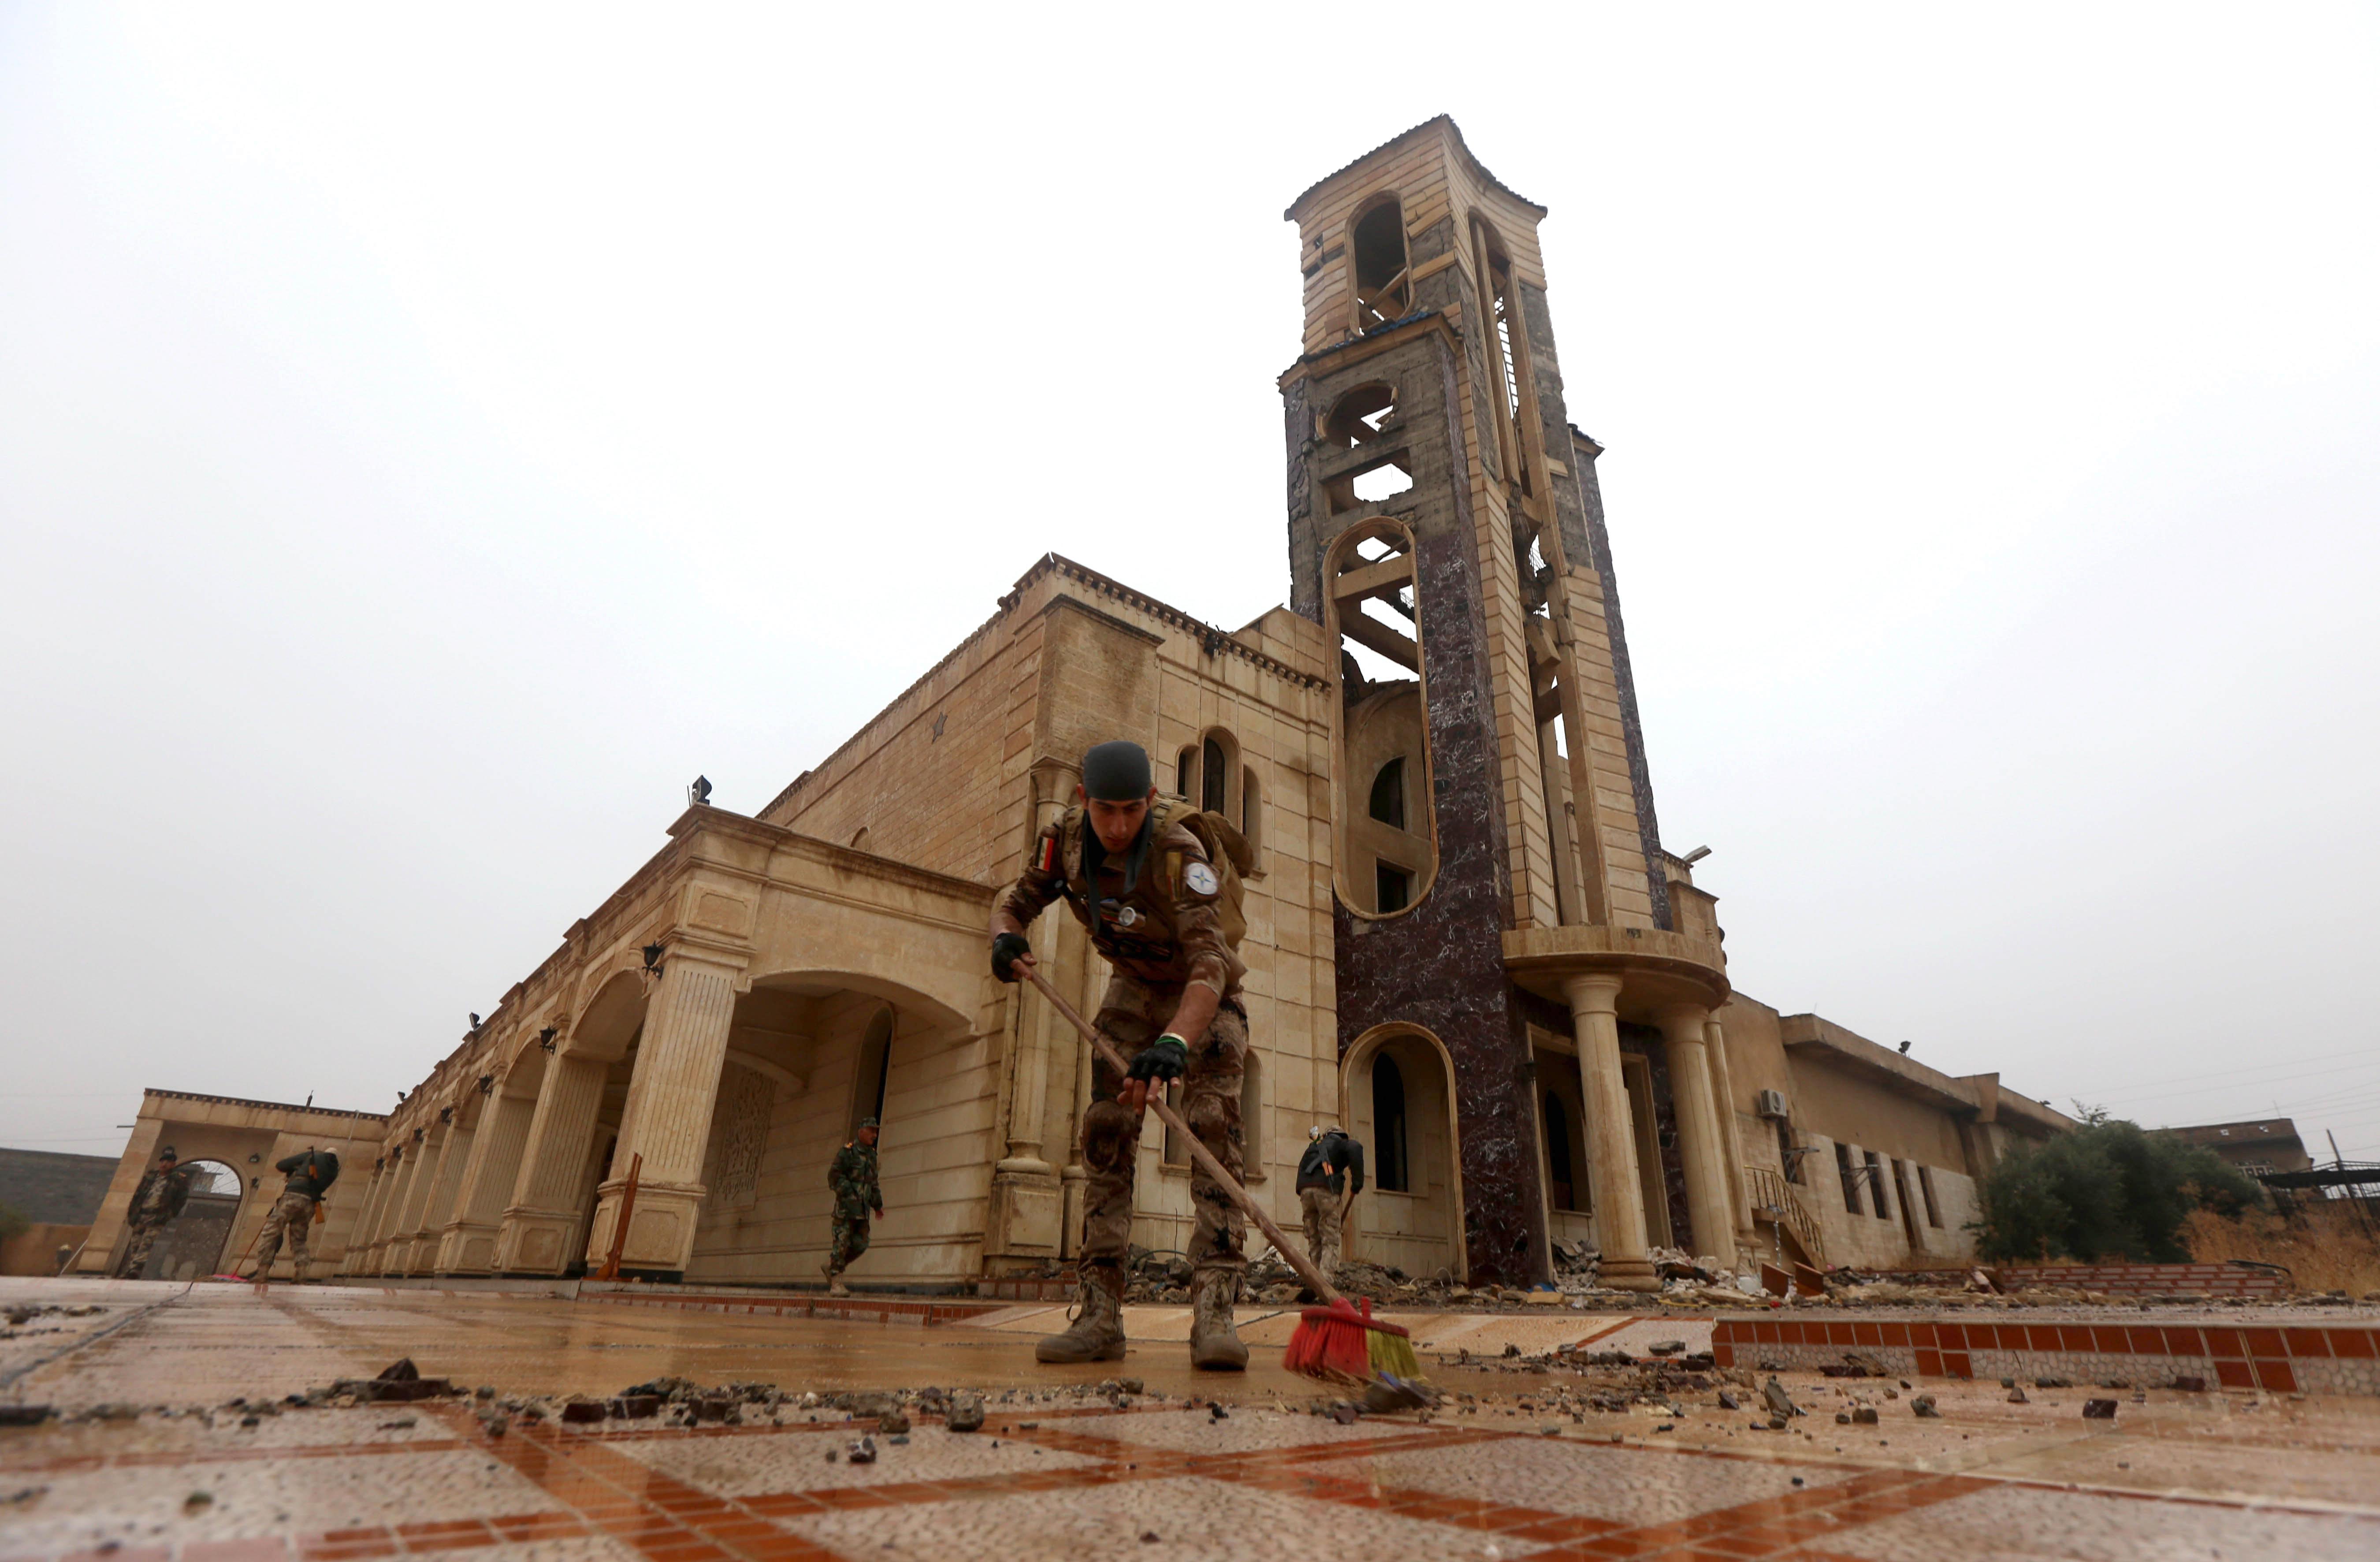 جندي ينظف باحة الكنيسة